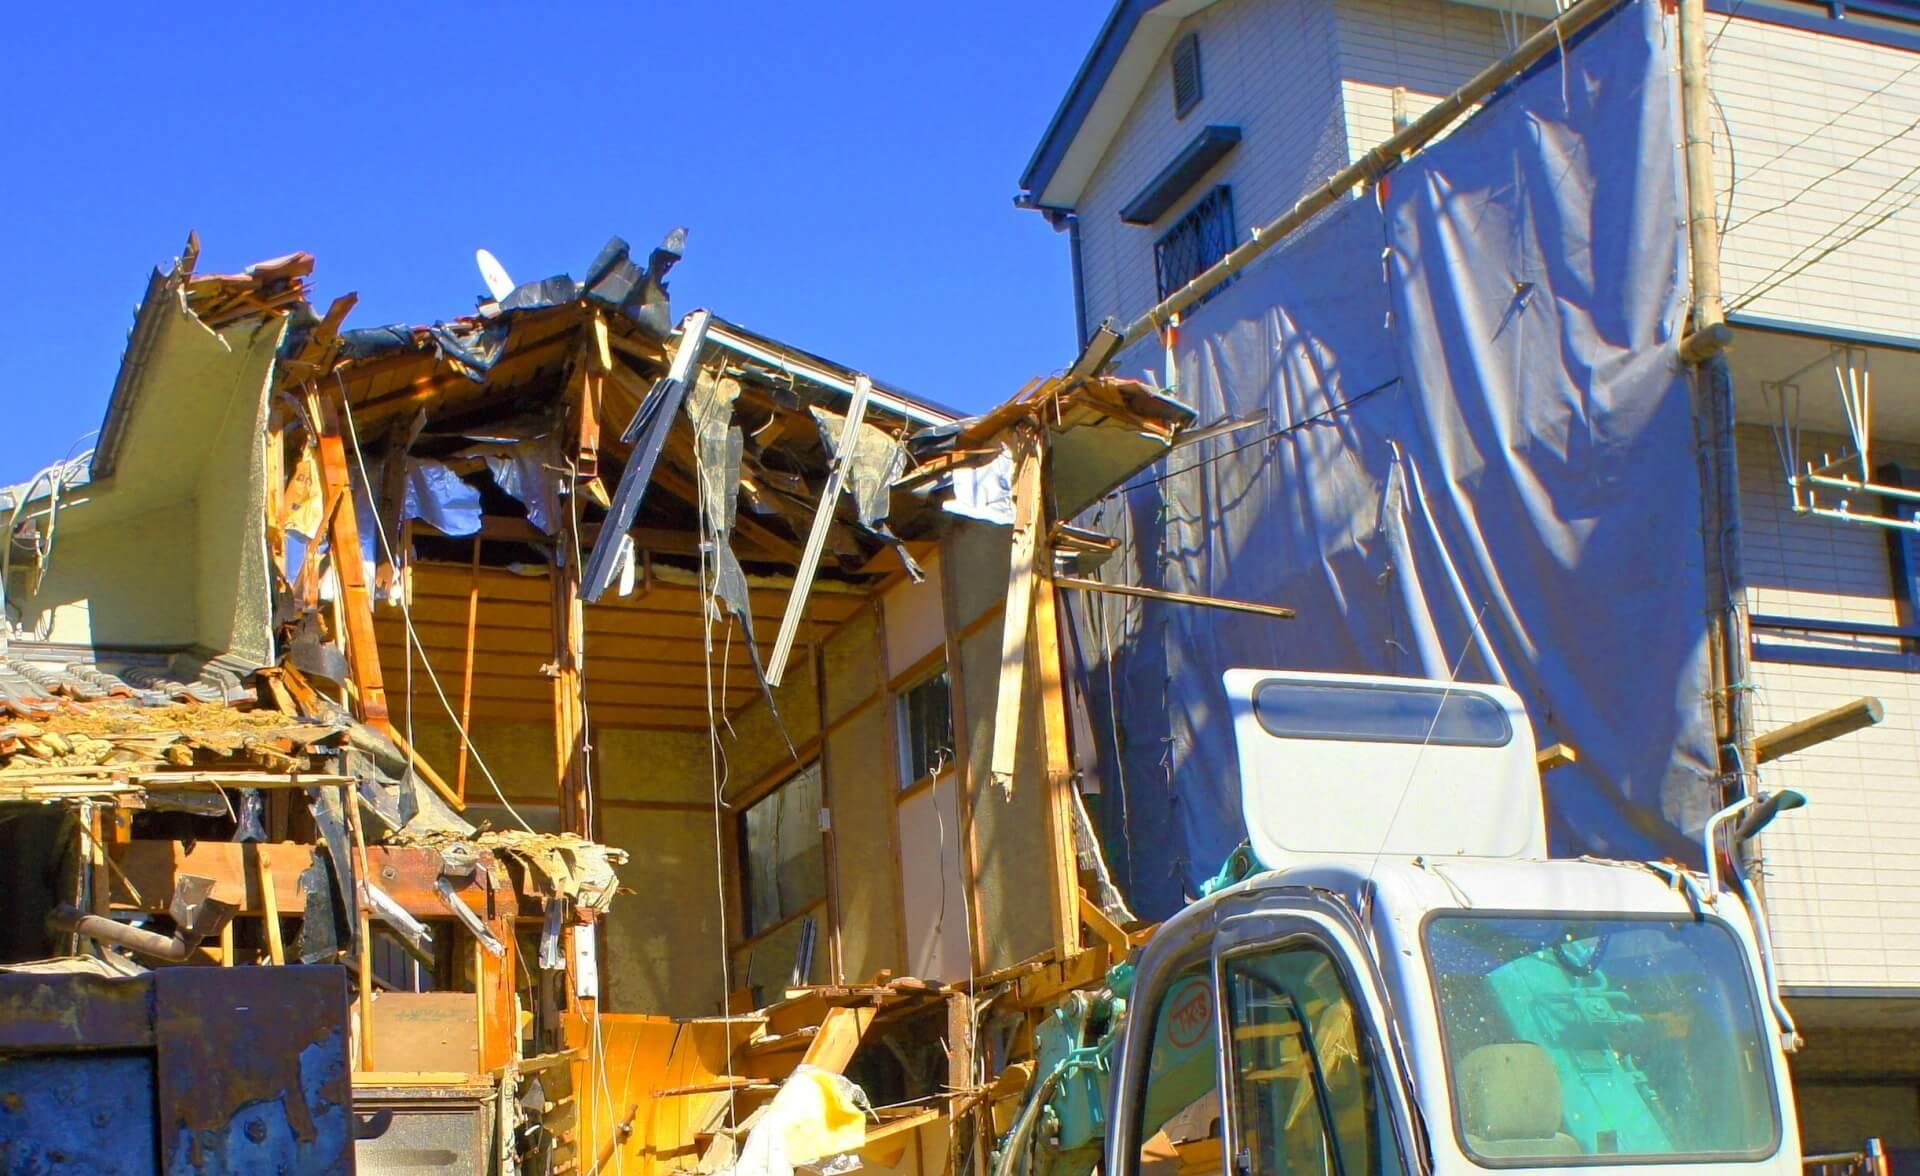 解体されている建物の画像